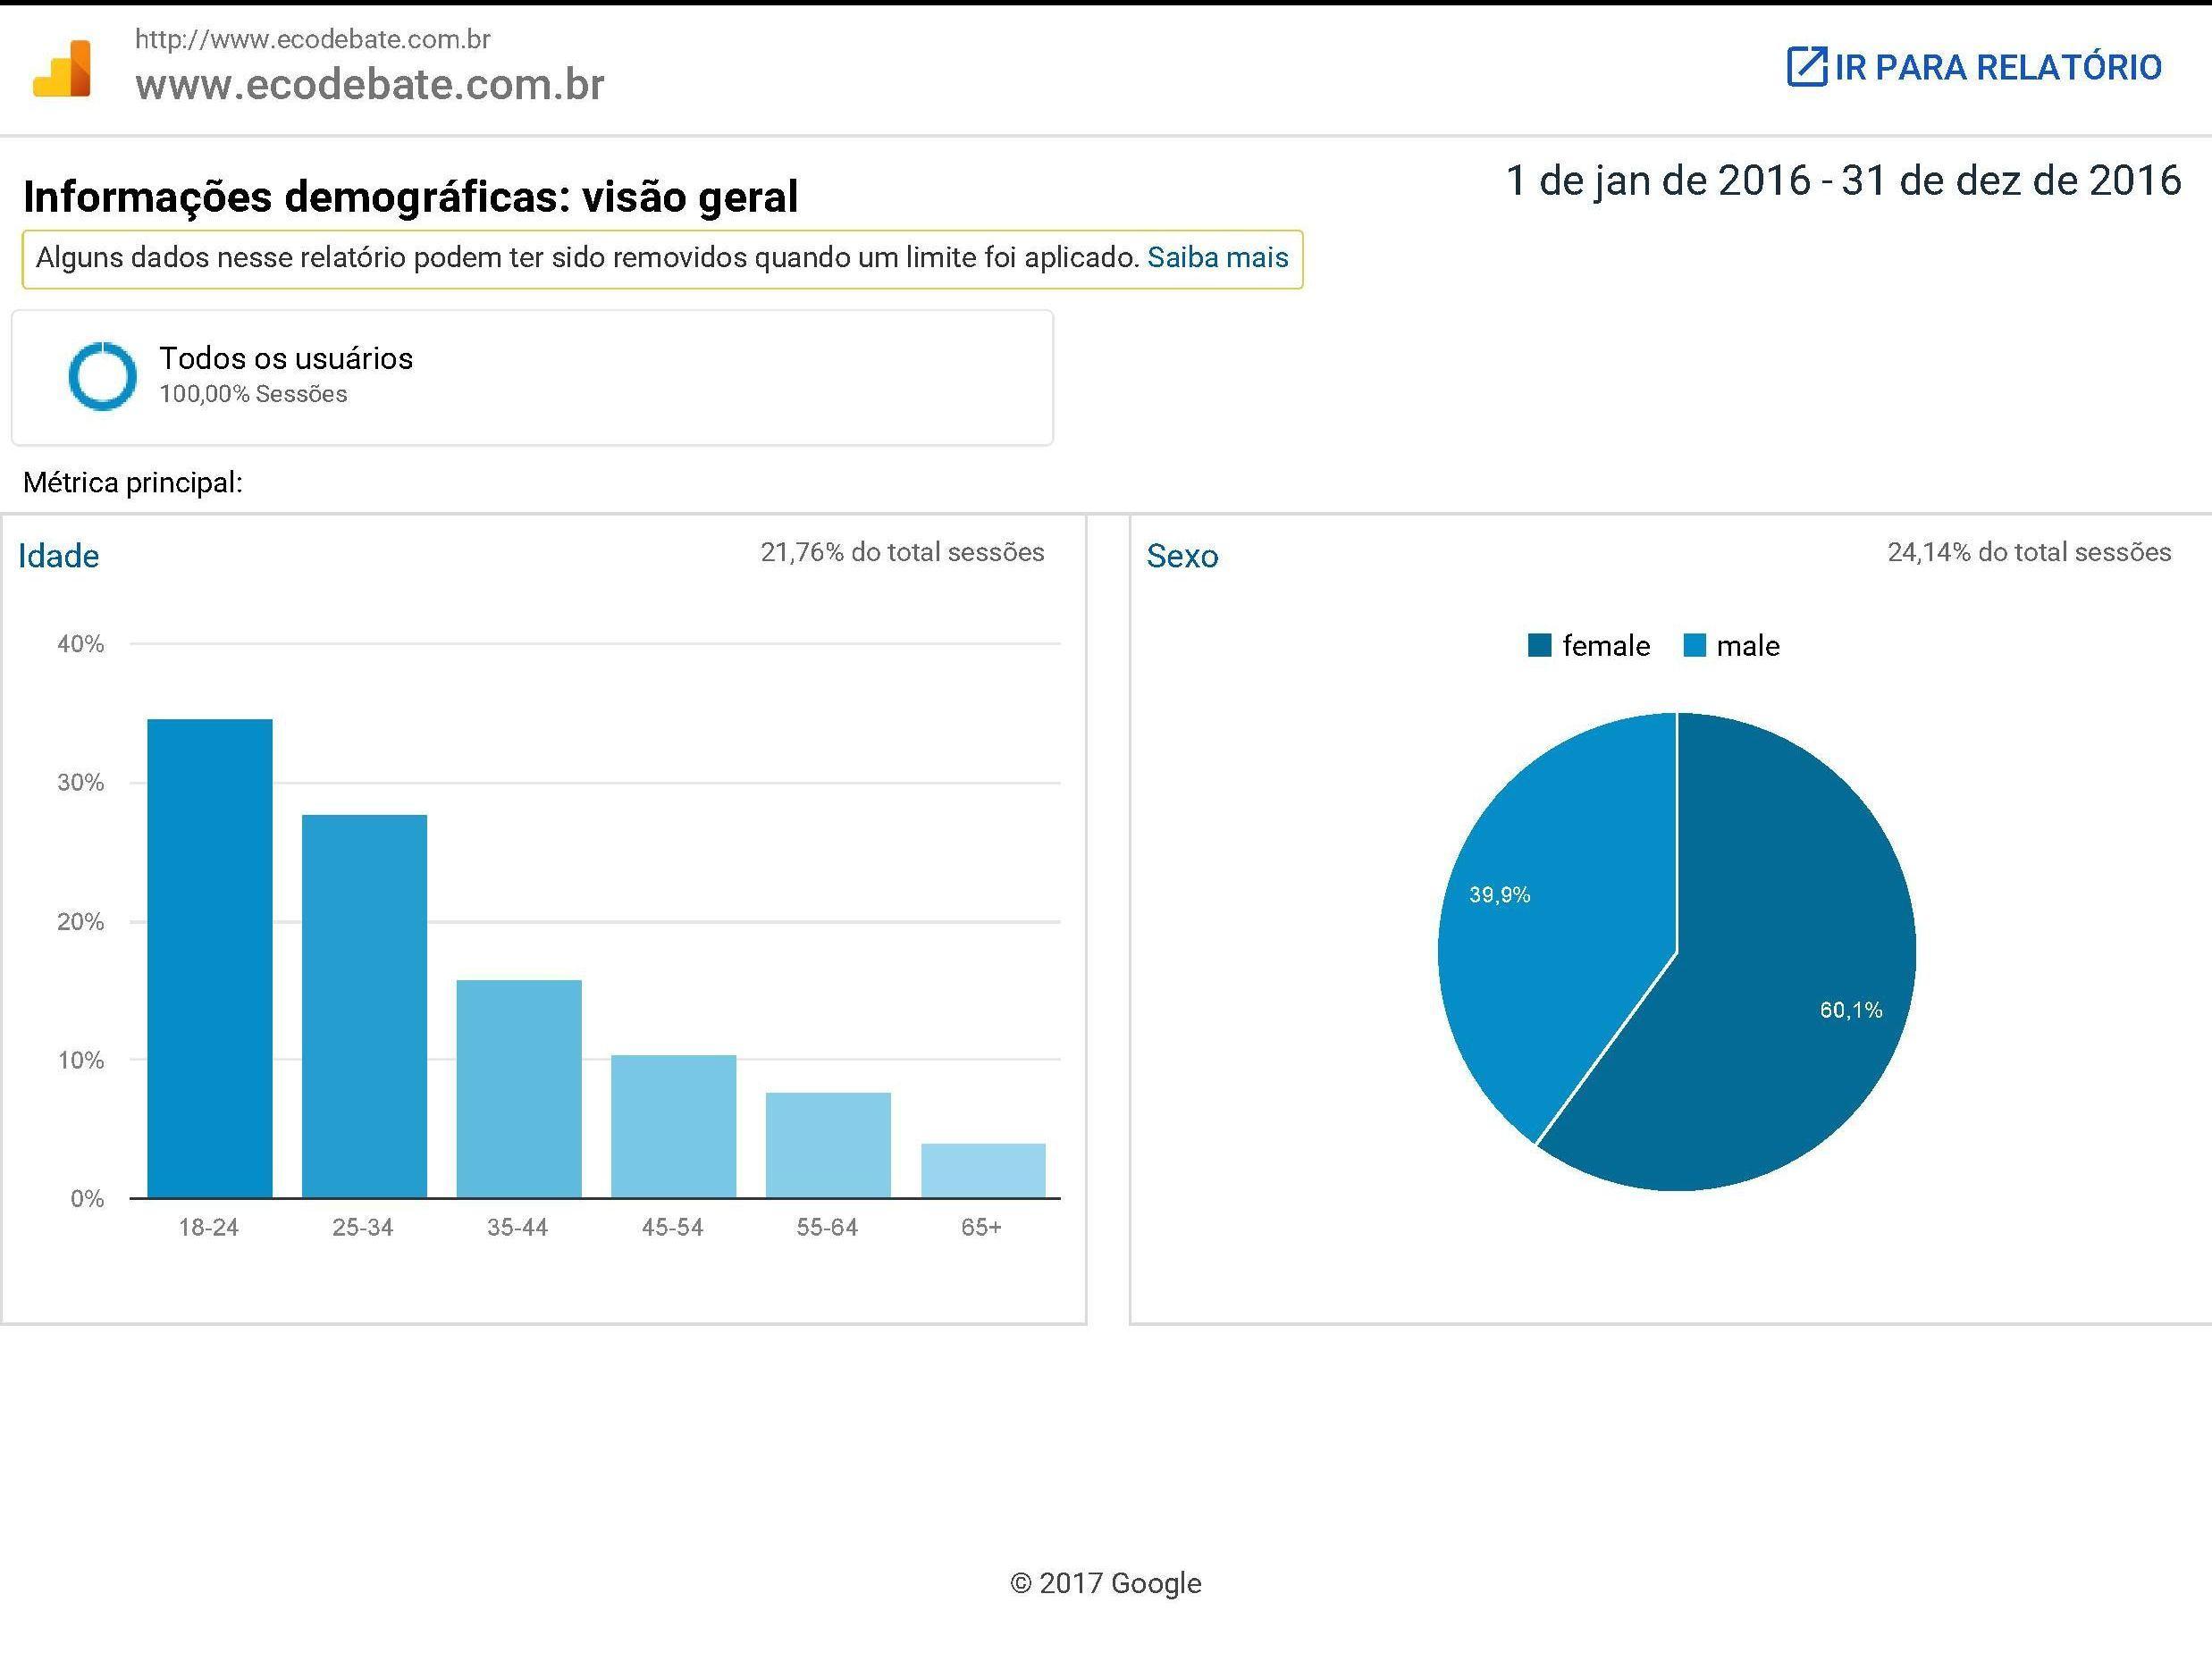 ecodebate.com.br - Perfil demográfico dos(as) usuários(as): 2016